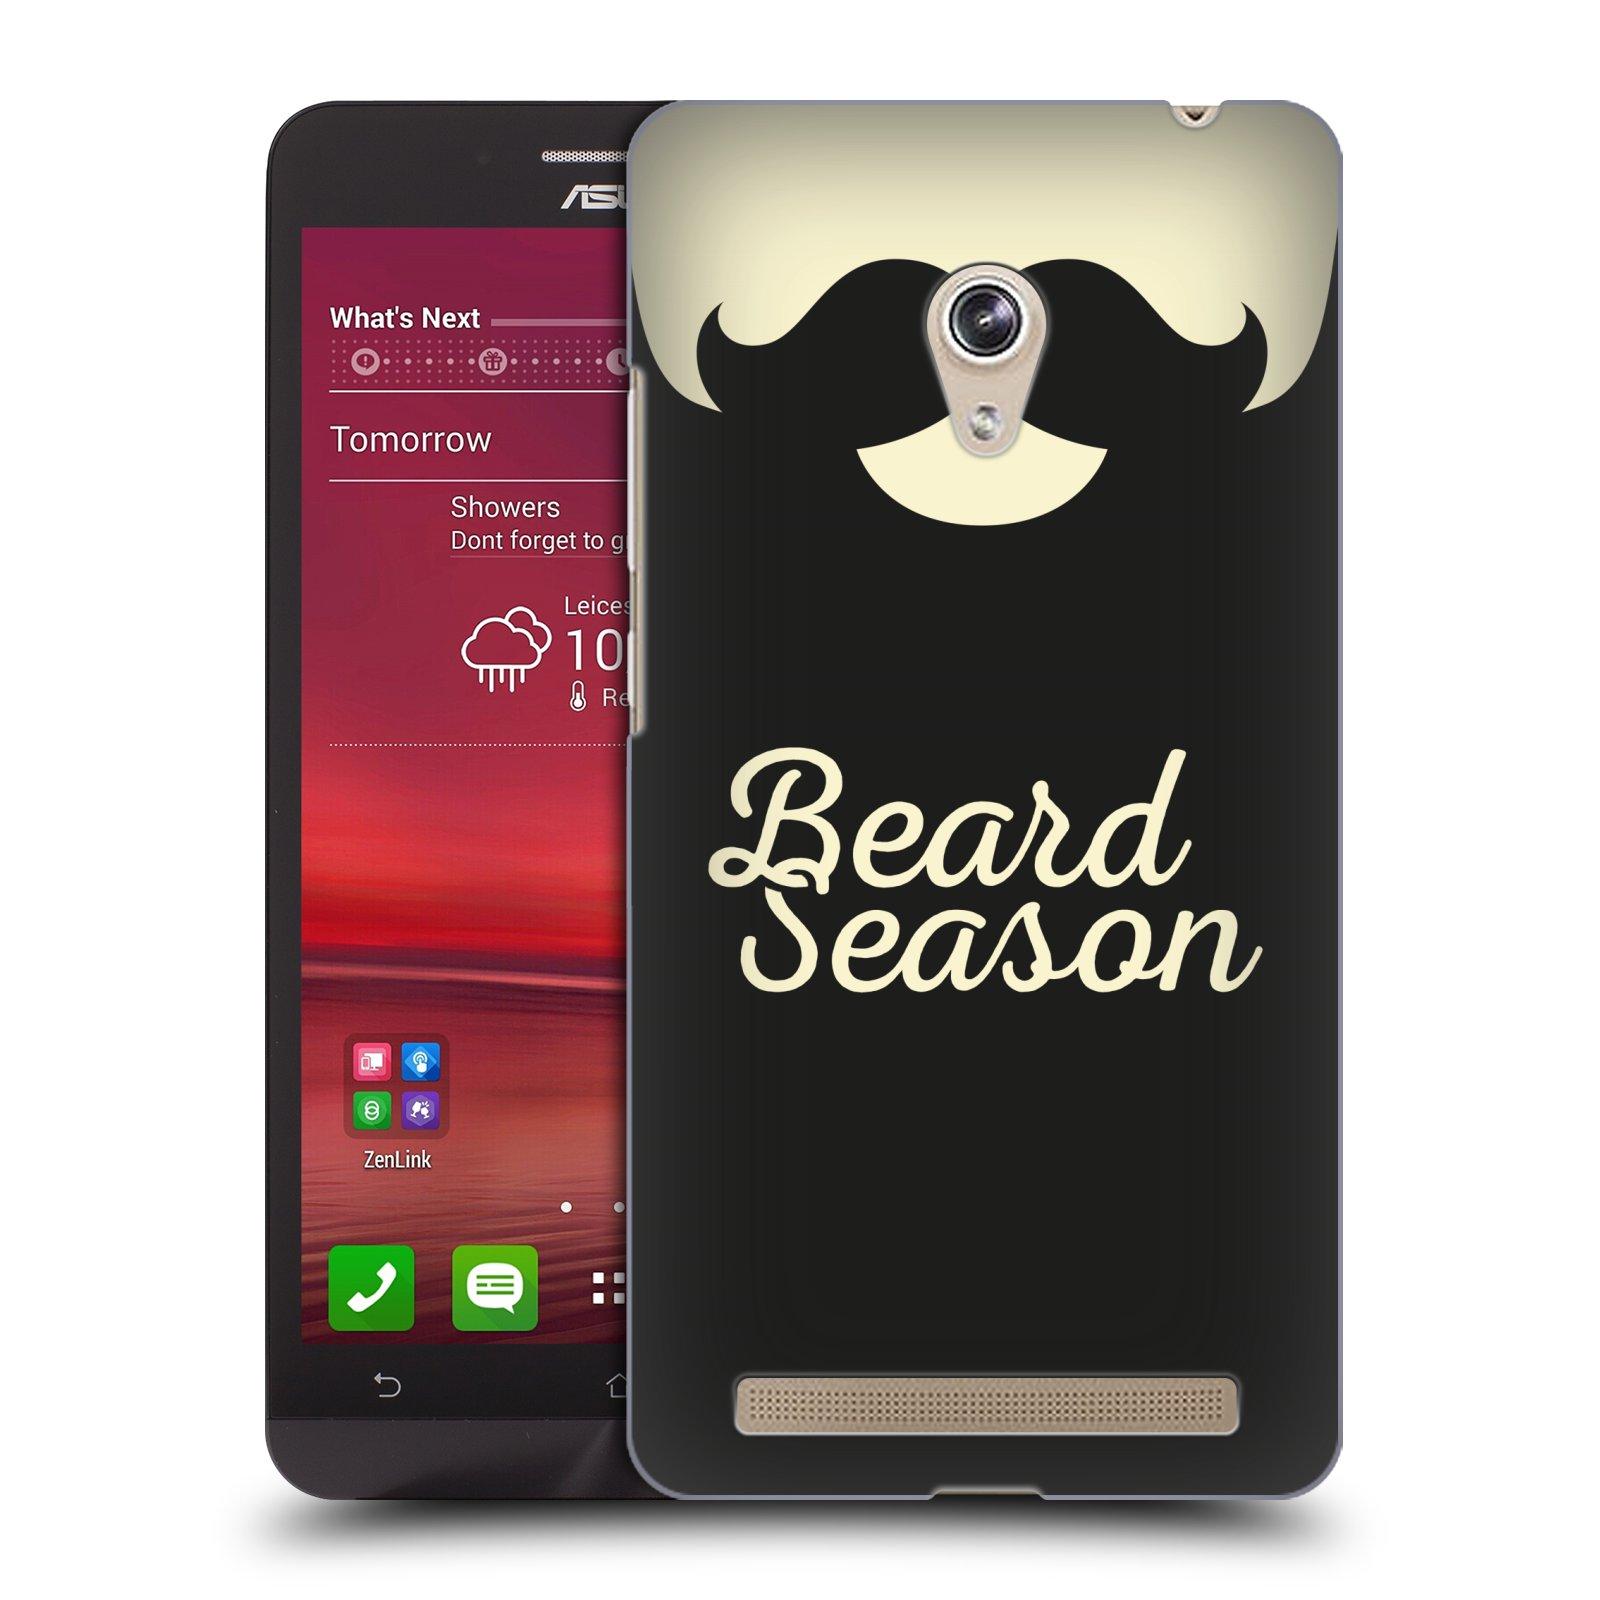 Plastové pouzdro na mobil Asus Zenfone 6 HEAD CASE KNÍR BEARD SEASON (Plastový kryt či obal na mobilní telefon Asus Zenfone 6 A600CG / A601CG)